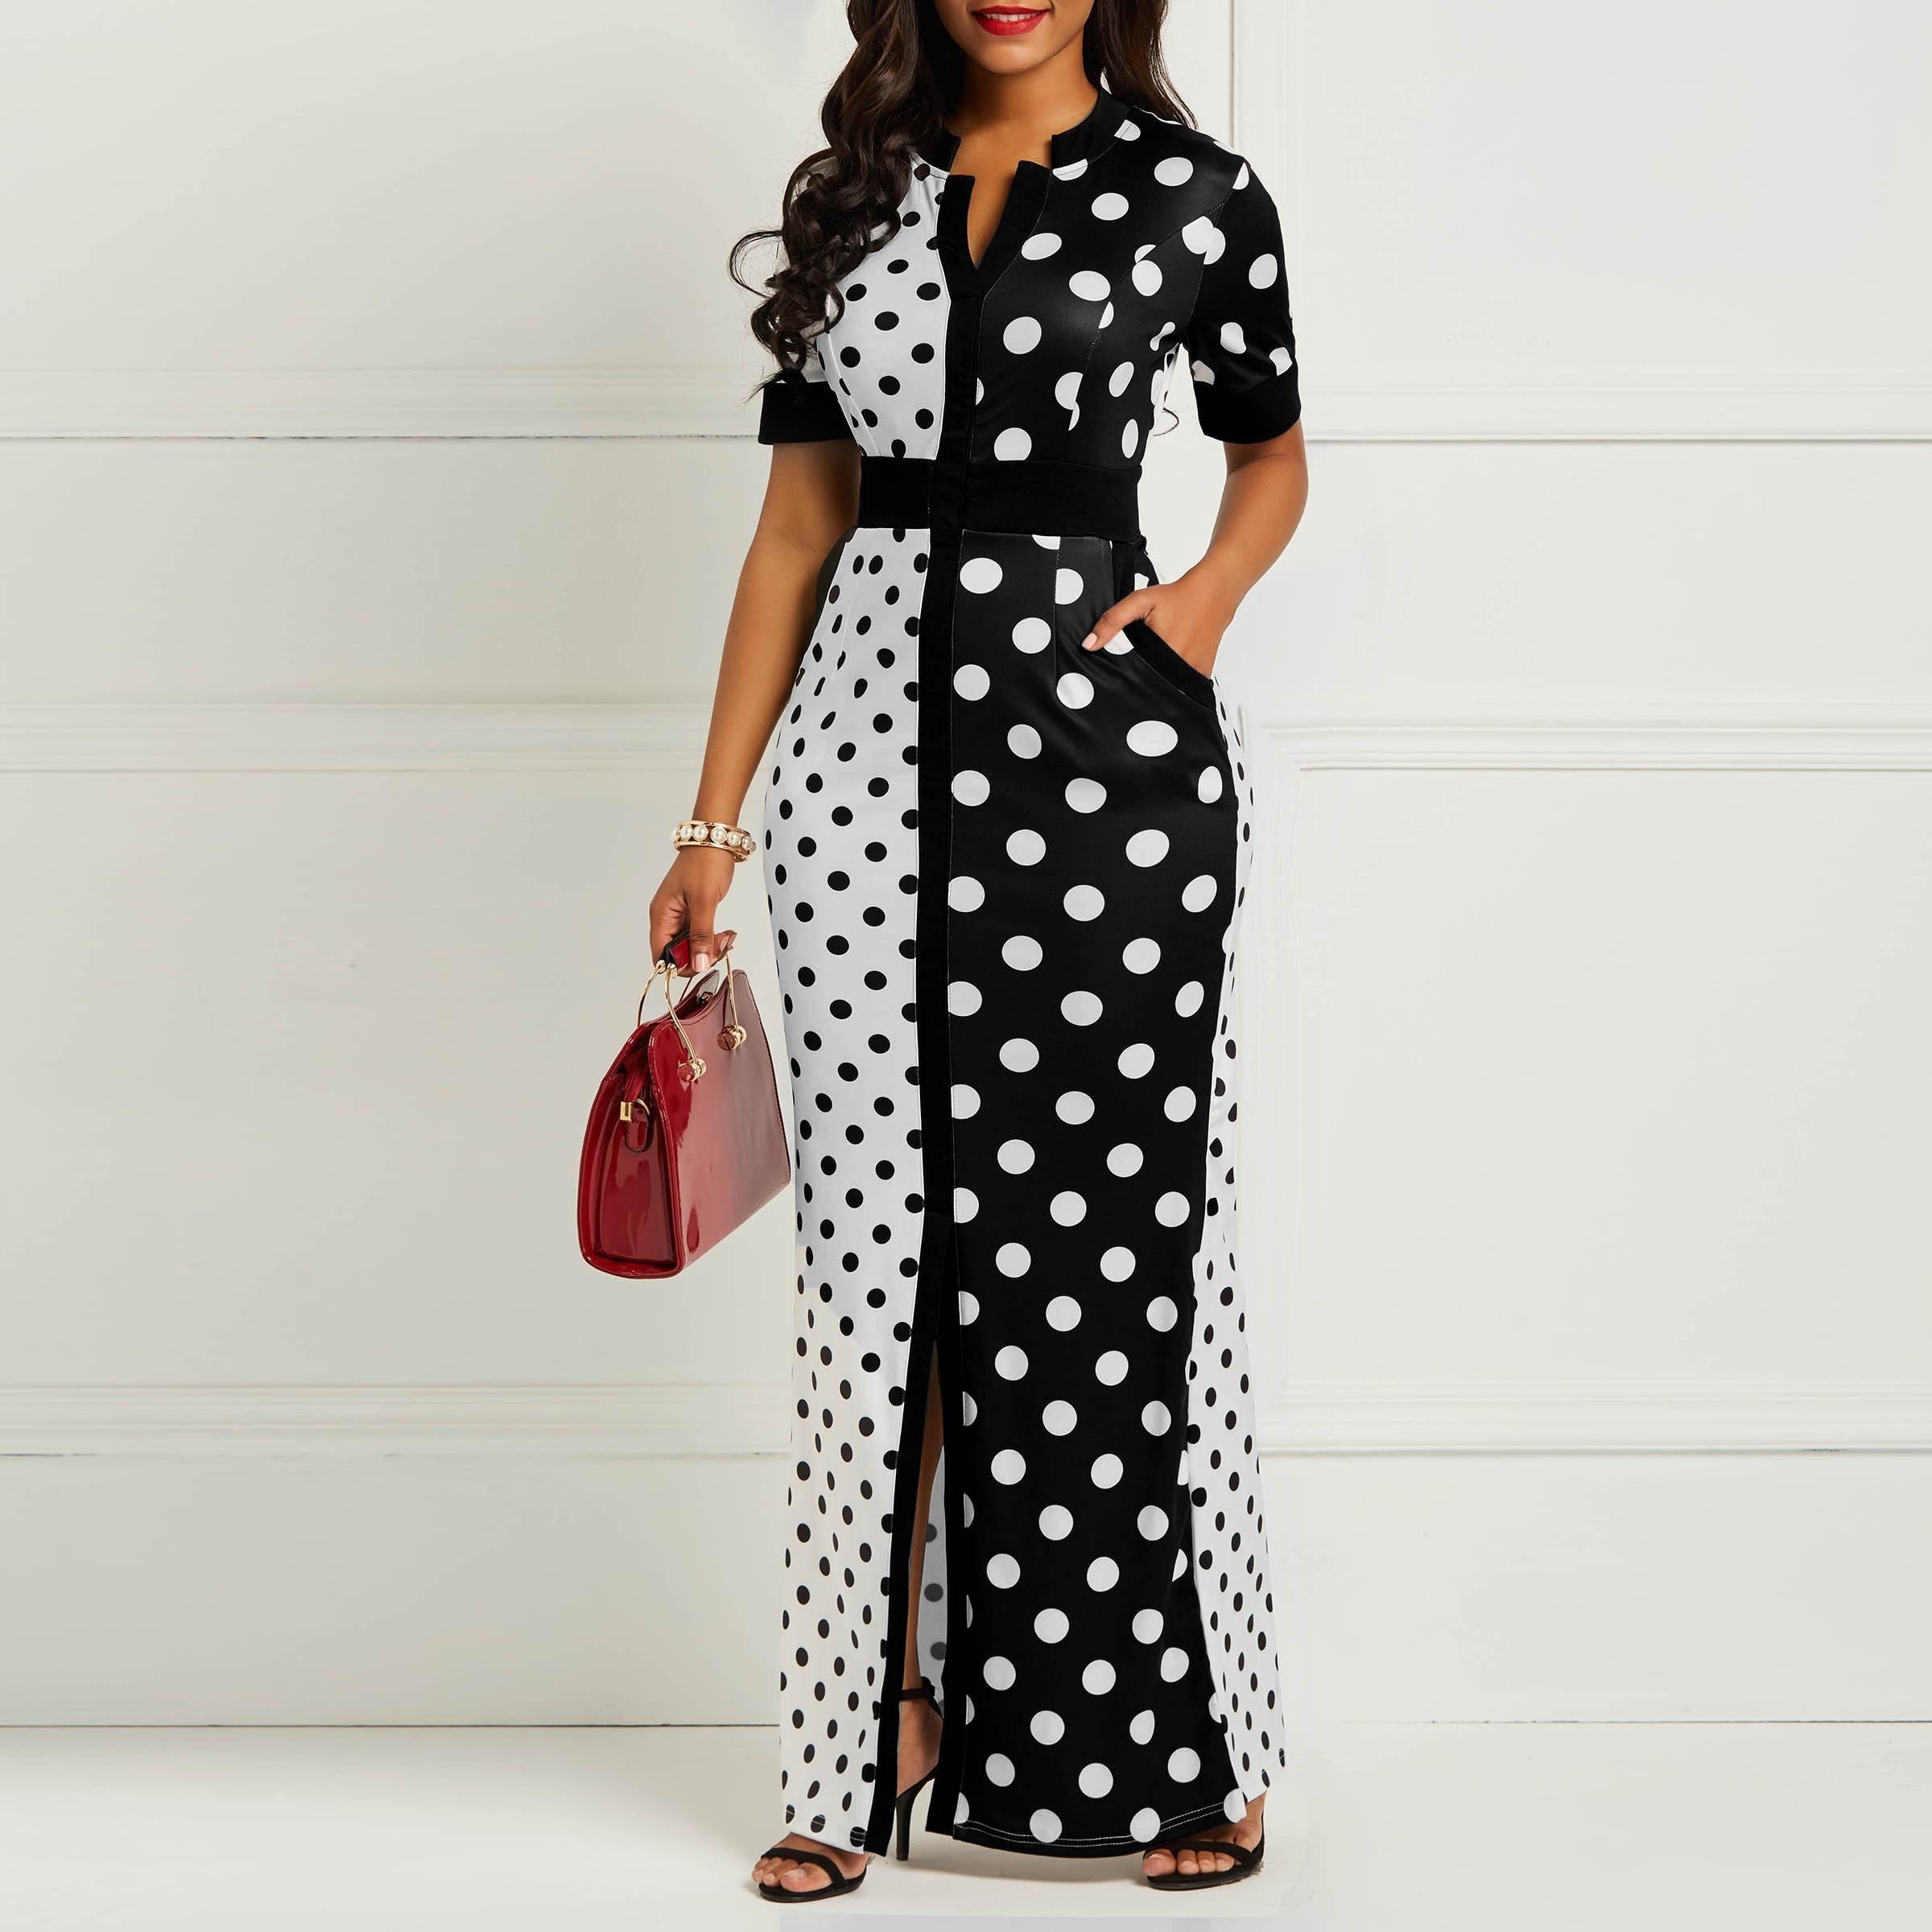 Clocolor Африканское Платье Vintage Горошек Белый Черный Печатный Ретро Bodycon Женщины Лето С Коротким Рукавом Плюс Размер Длинное Платье Макси Y19021409